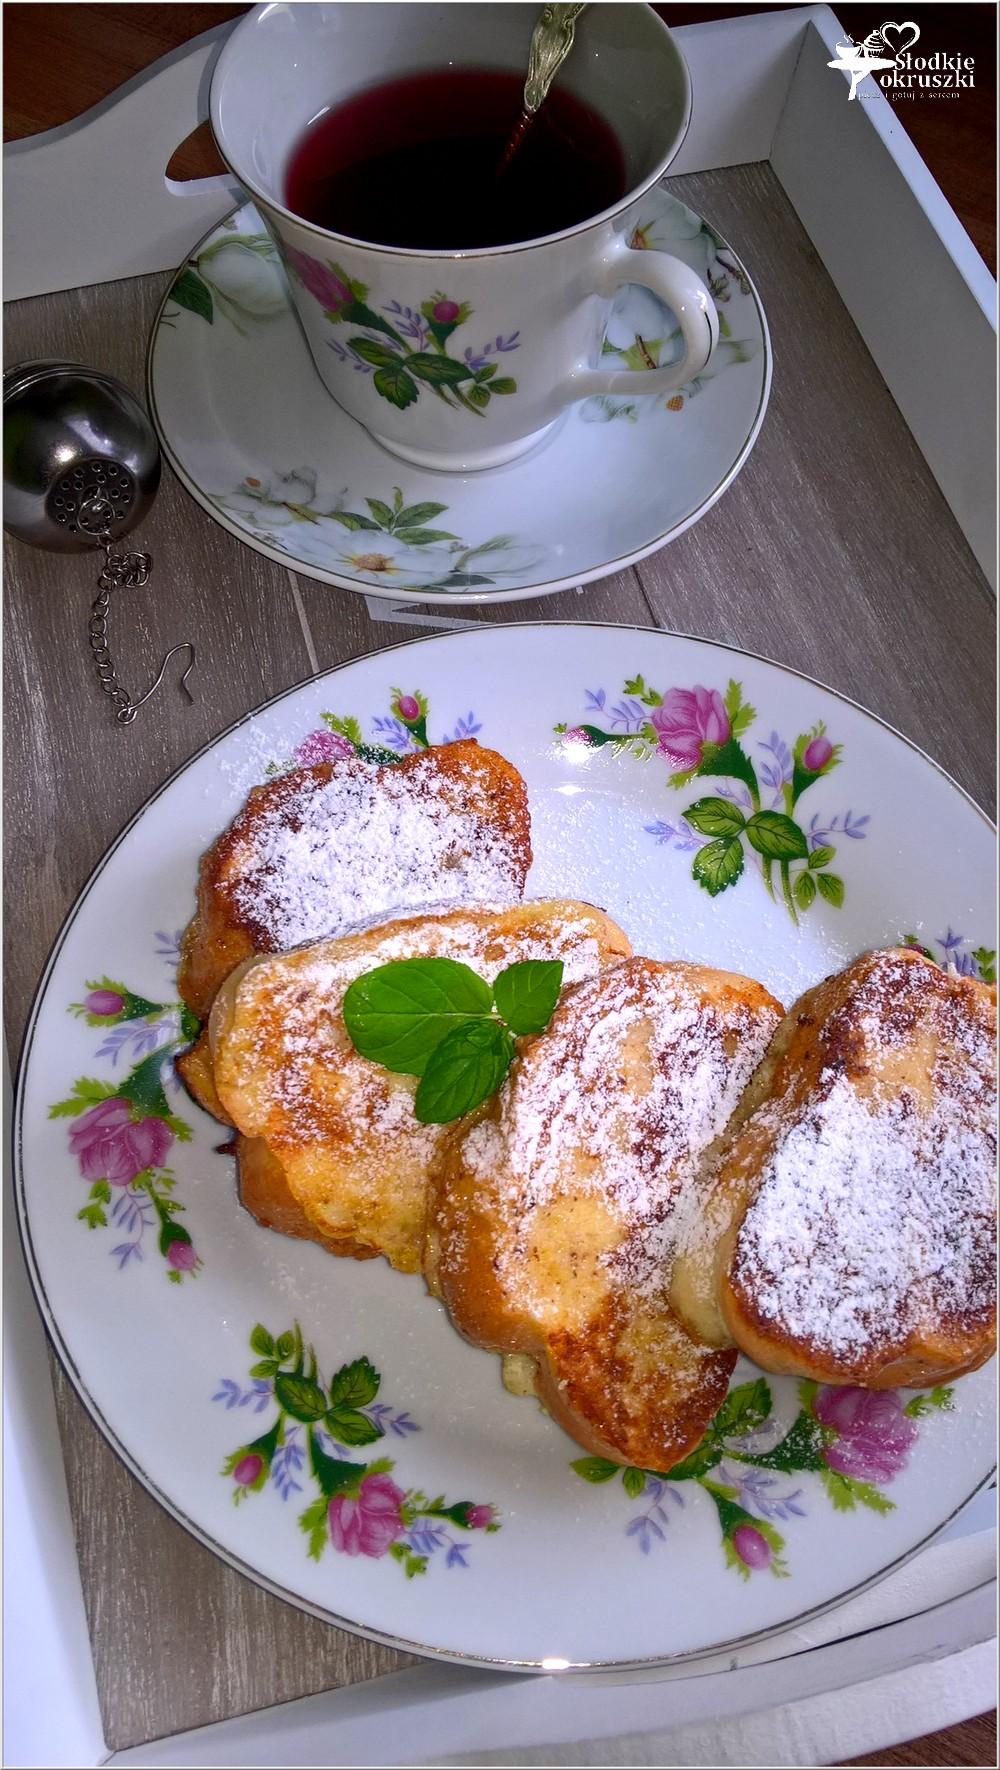 Cynamonowa chałka po francusku i łyk słodkiej wiśni (4)